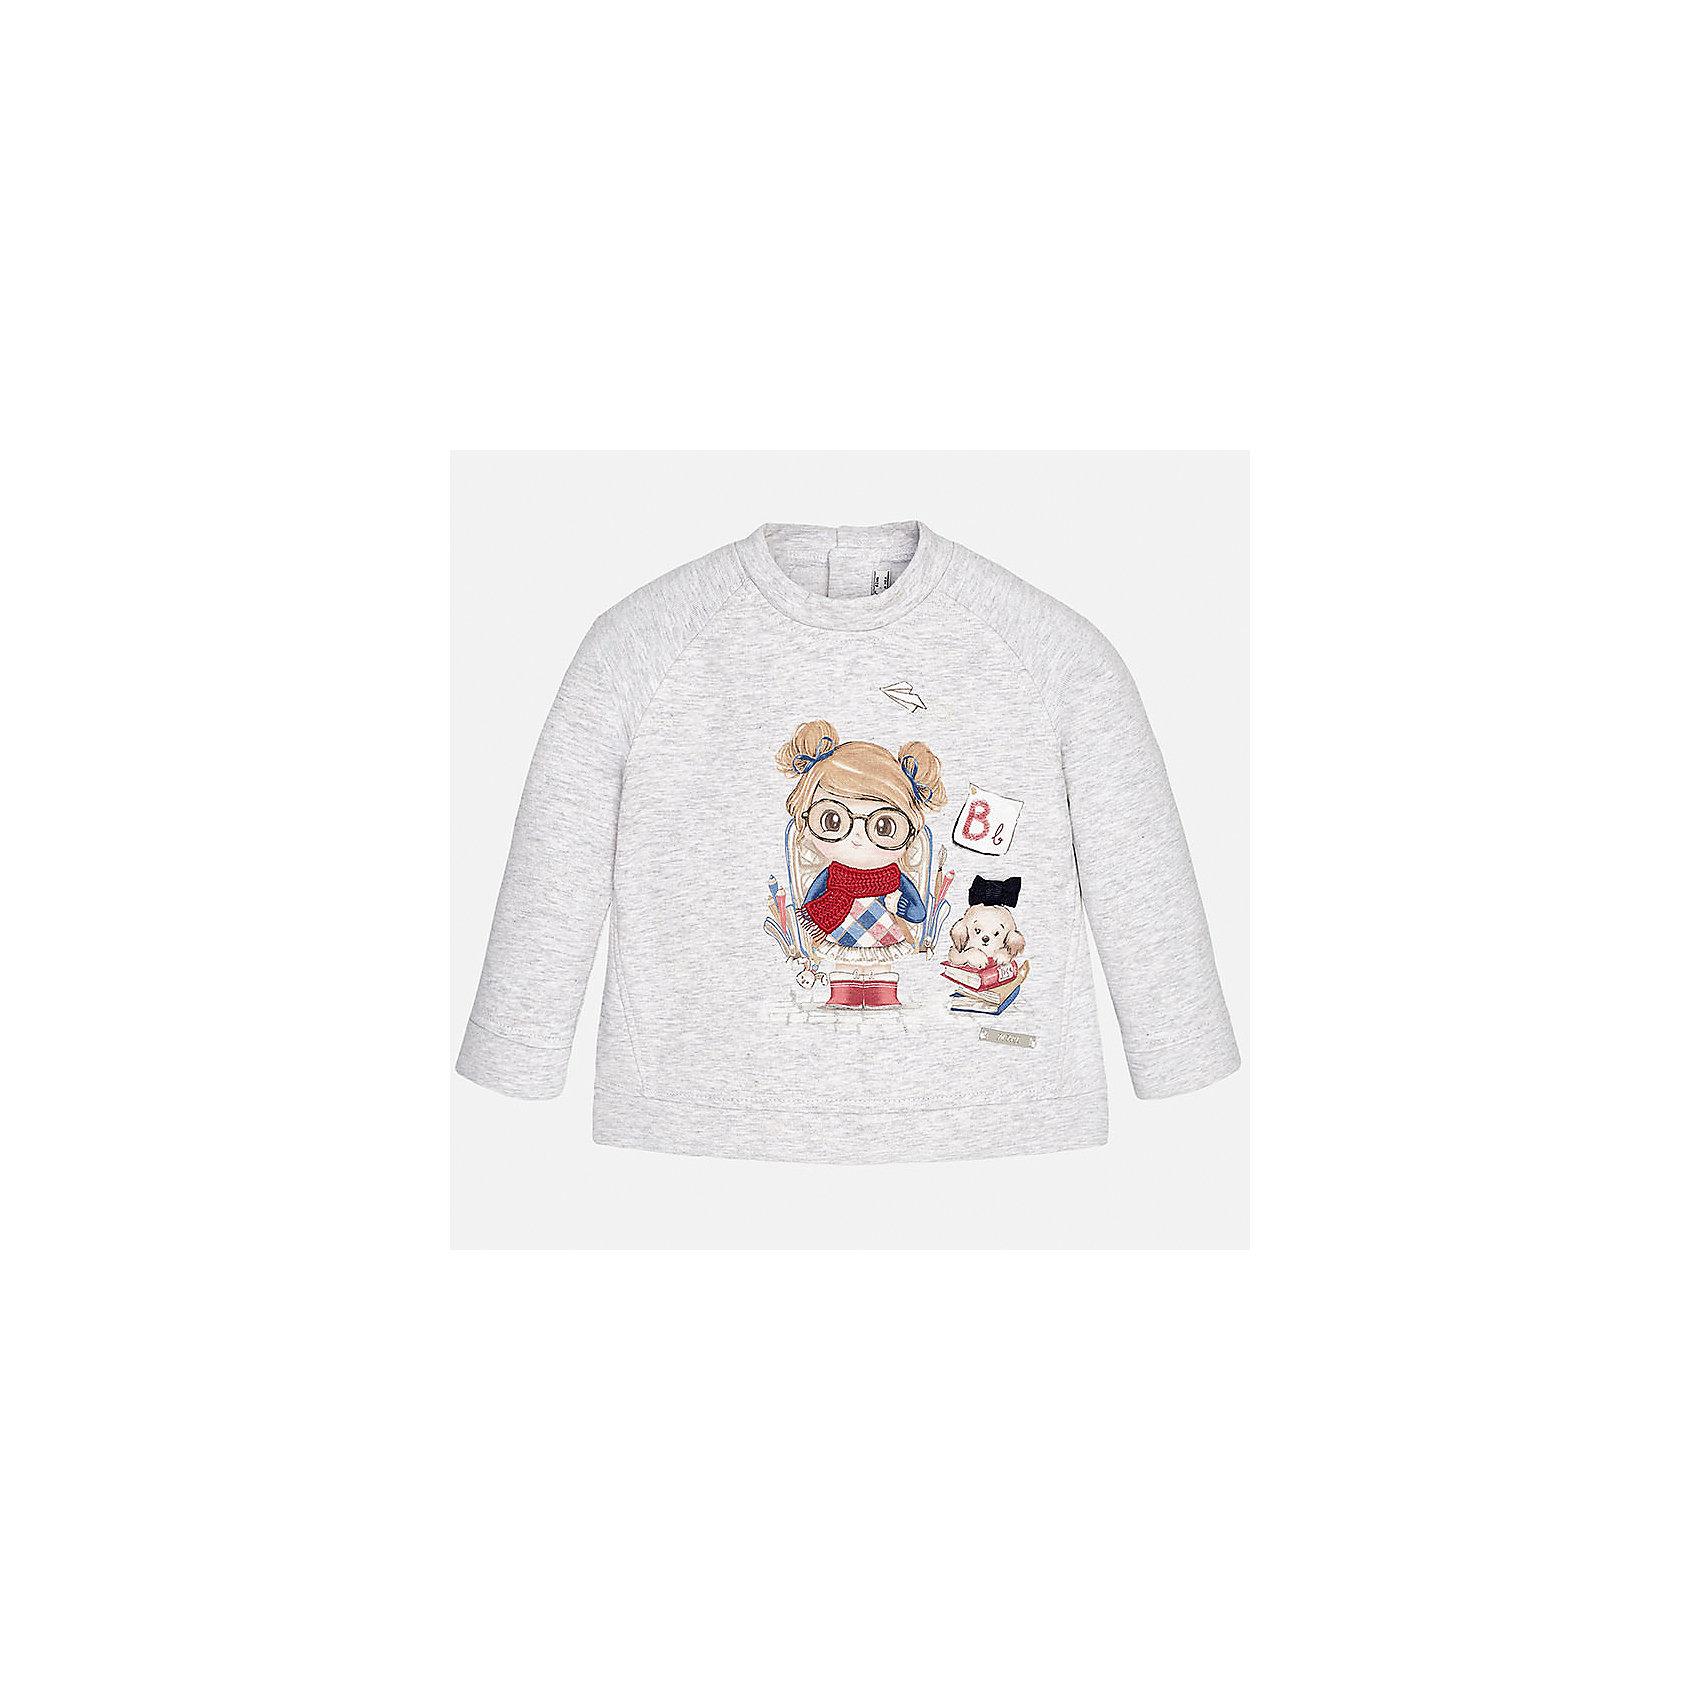 Толстовка для девочки MayoralТолстовки<br>Толстовка для девочки от известного испанского бренда Mayoral(Майорал)<br>Толстовка изготовлен из качественного хлопка, сзади застегивается на кнопки и украшен милым принтом с аппликацией. Этот свитер прекрасно впишется в гардероб девочки!<br><br>Дополнительная информация:<br>Состав: 95% хлопок, 5% эластан<br>Цвет: серый<br>Свитер для девочки Mayoral(Майорал) можно приобрести в нашем интернет-магазине.<br><br>Ширина мм: 190<br>Глубина мм: 74<br>Высота мм: 229<br>Вес г: 236<br>Цвет: белый<br>Возраст от месяцев: 18<br>Возраст до месяцев: 24<br>Пол: Женский<br>Возраст: Детский<br>Размер: 92,74,86,80<br>SKU: 4846084